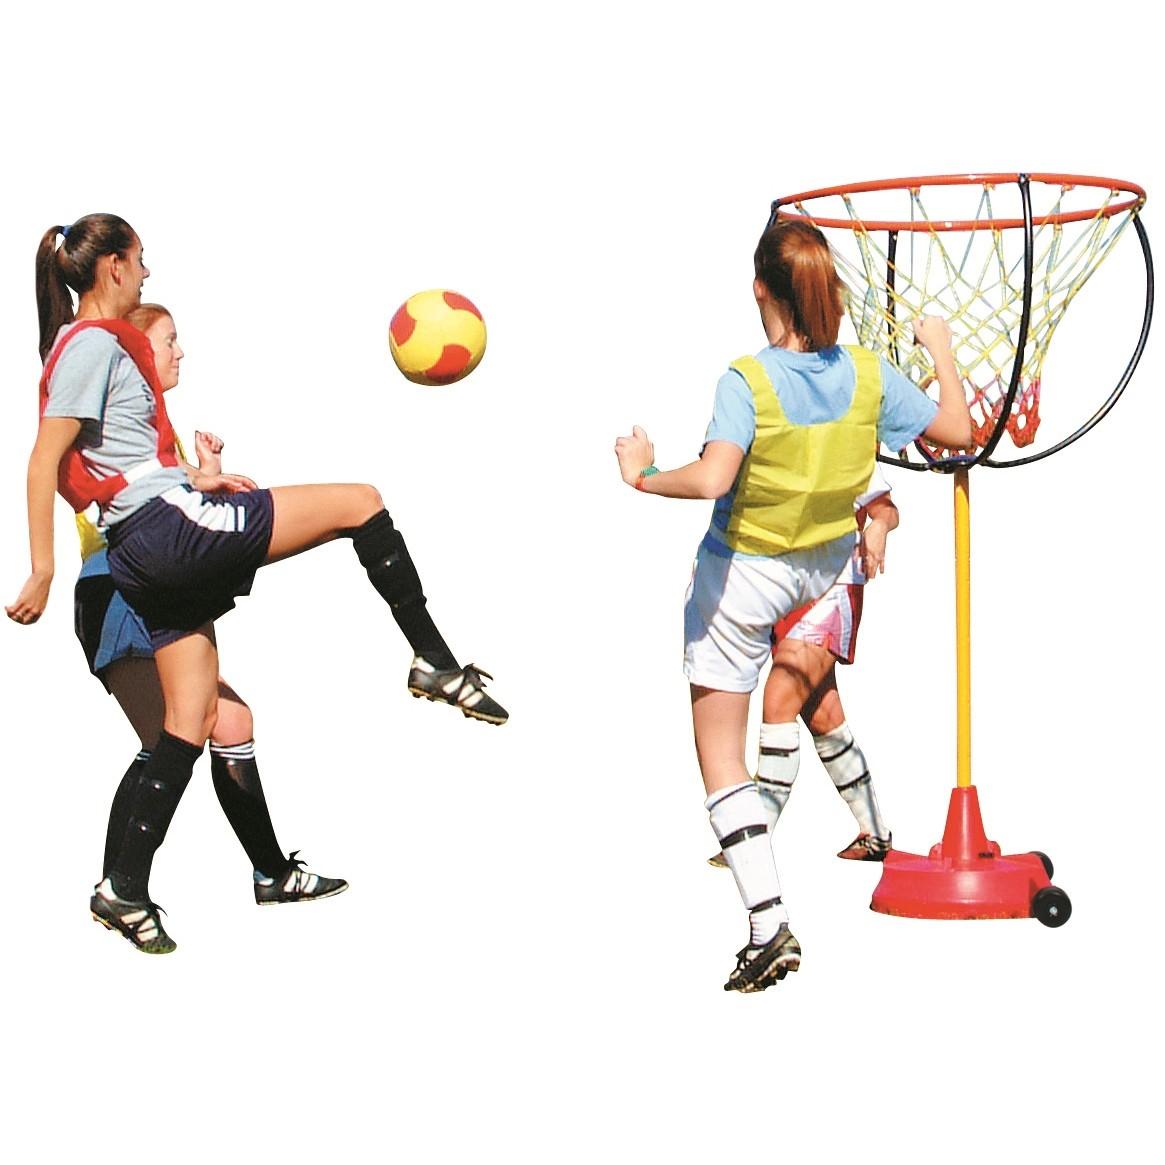 Equipement Sportif Pour Club